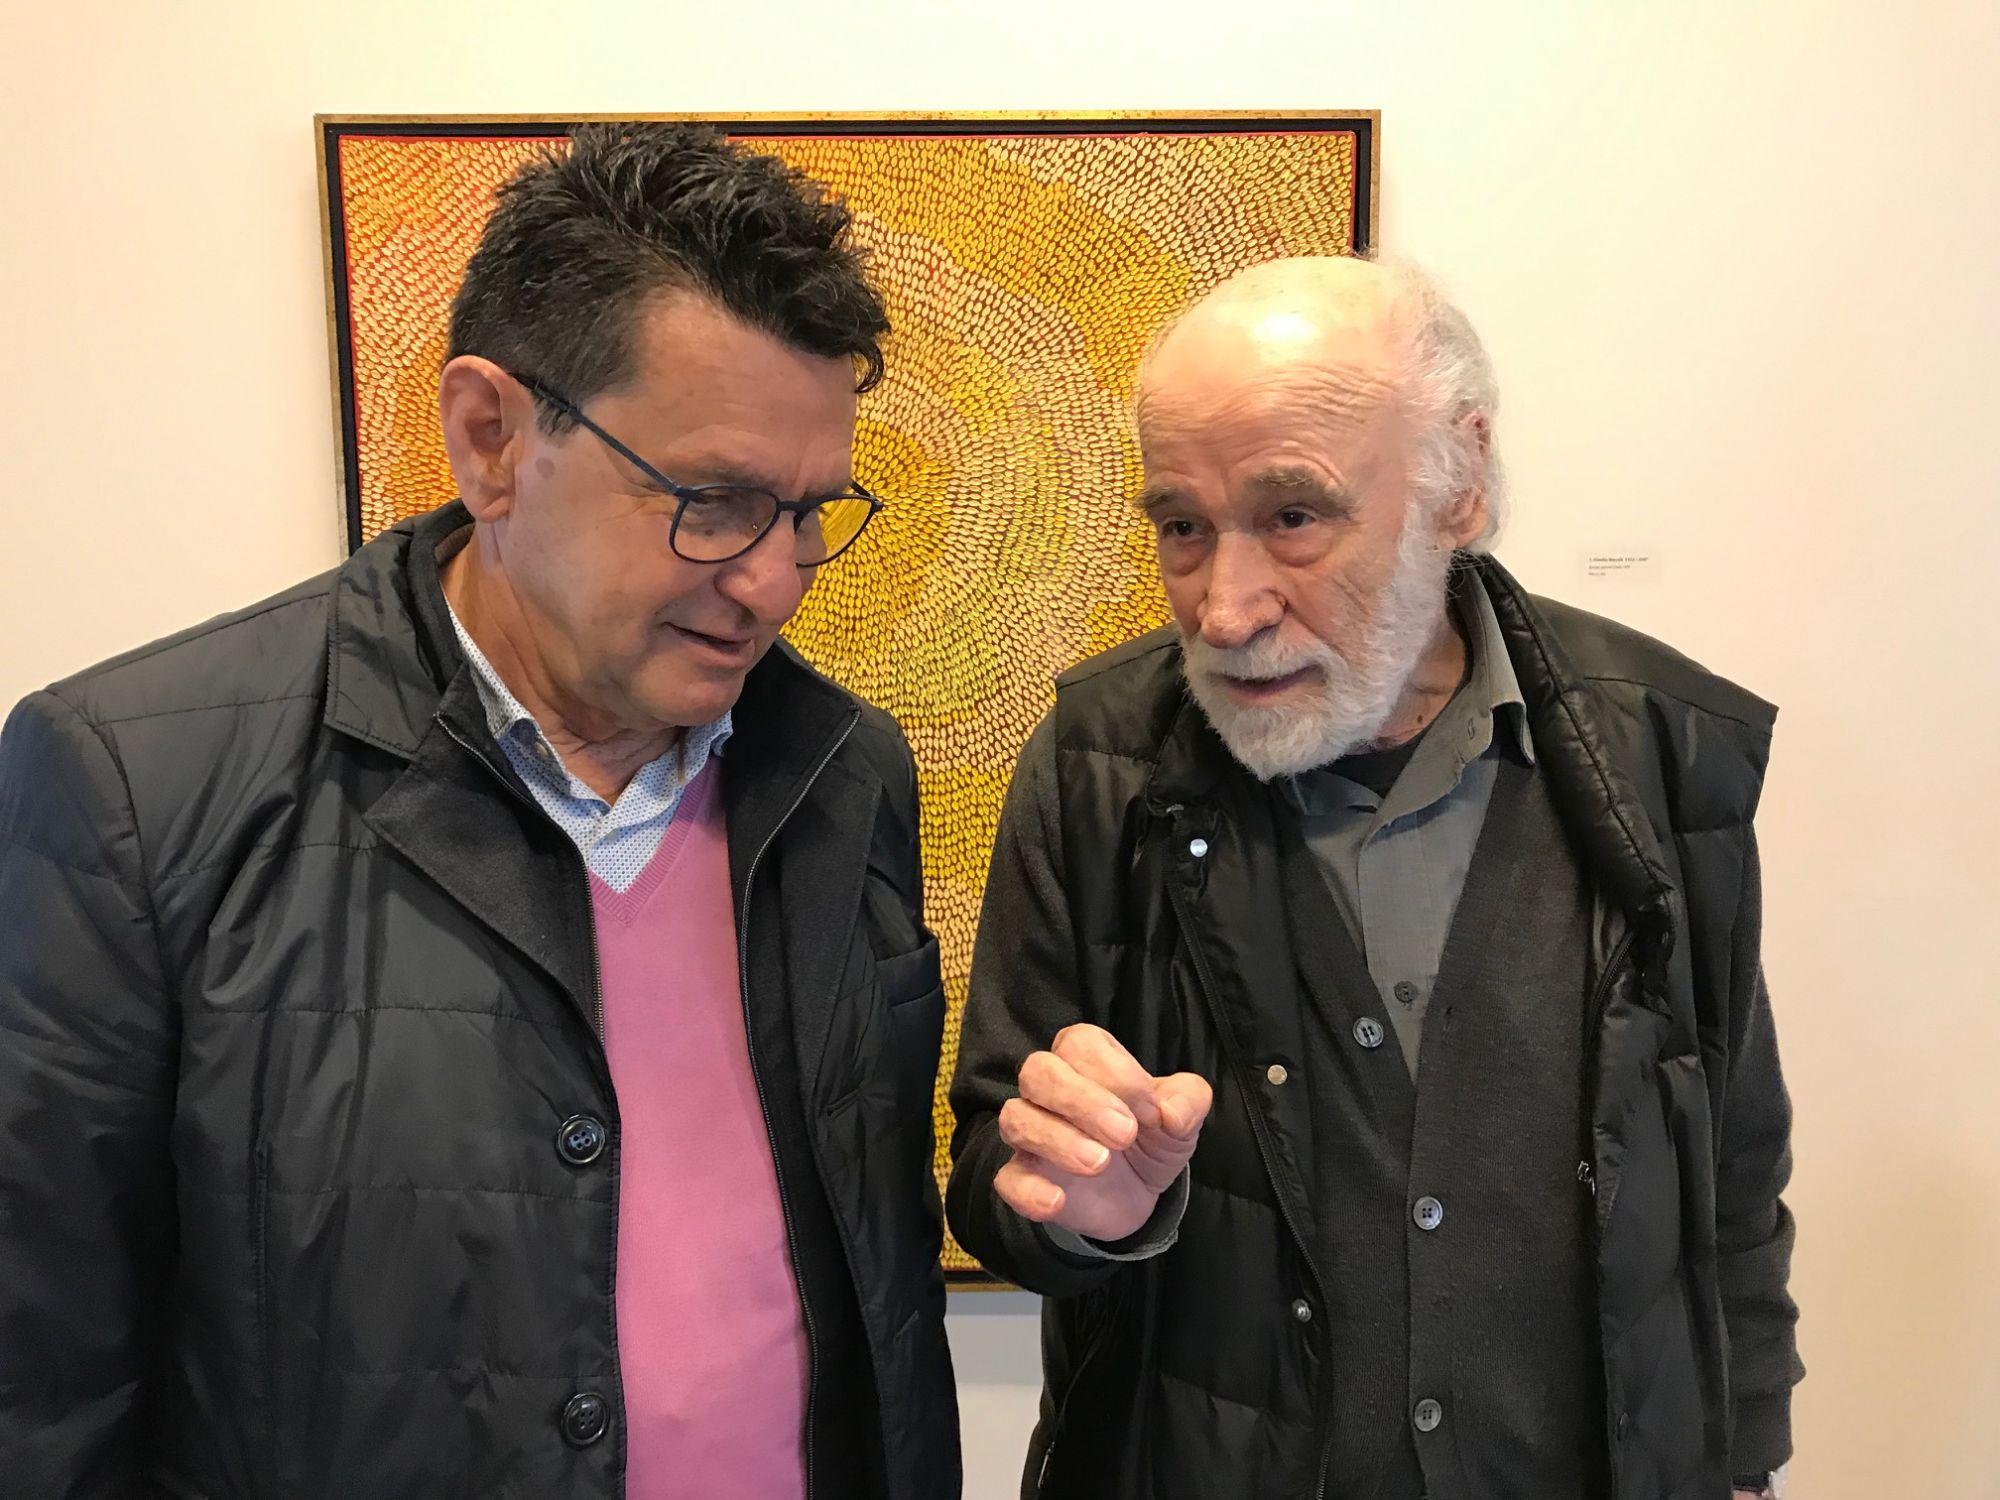 A Riazzino, Mario Matasci presso la Fondazione Matasci con Luciano Carazzettti, 19 maggio 2019